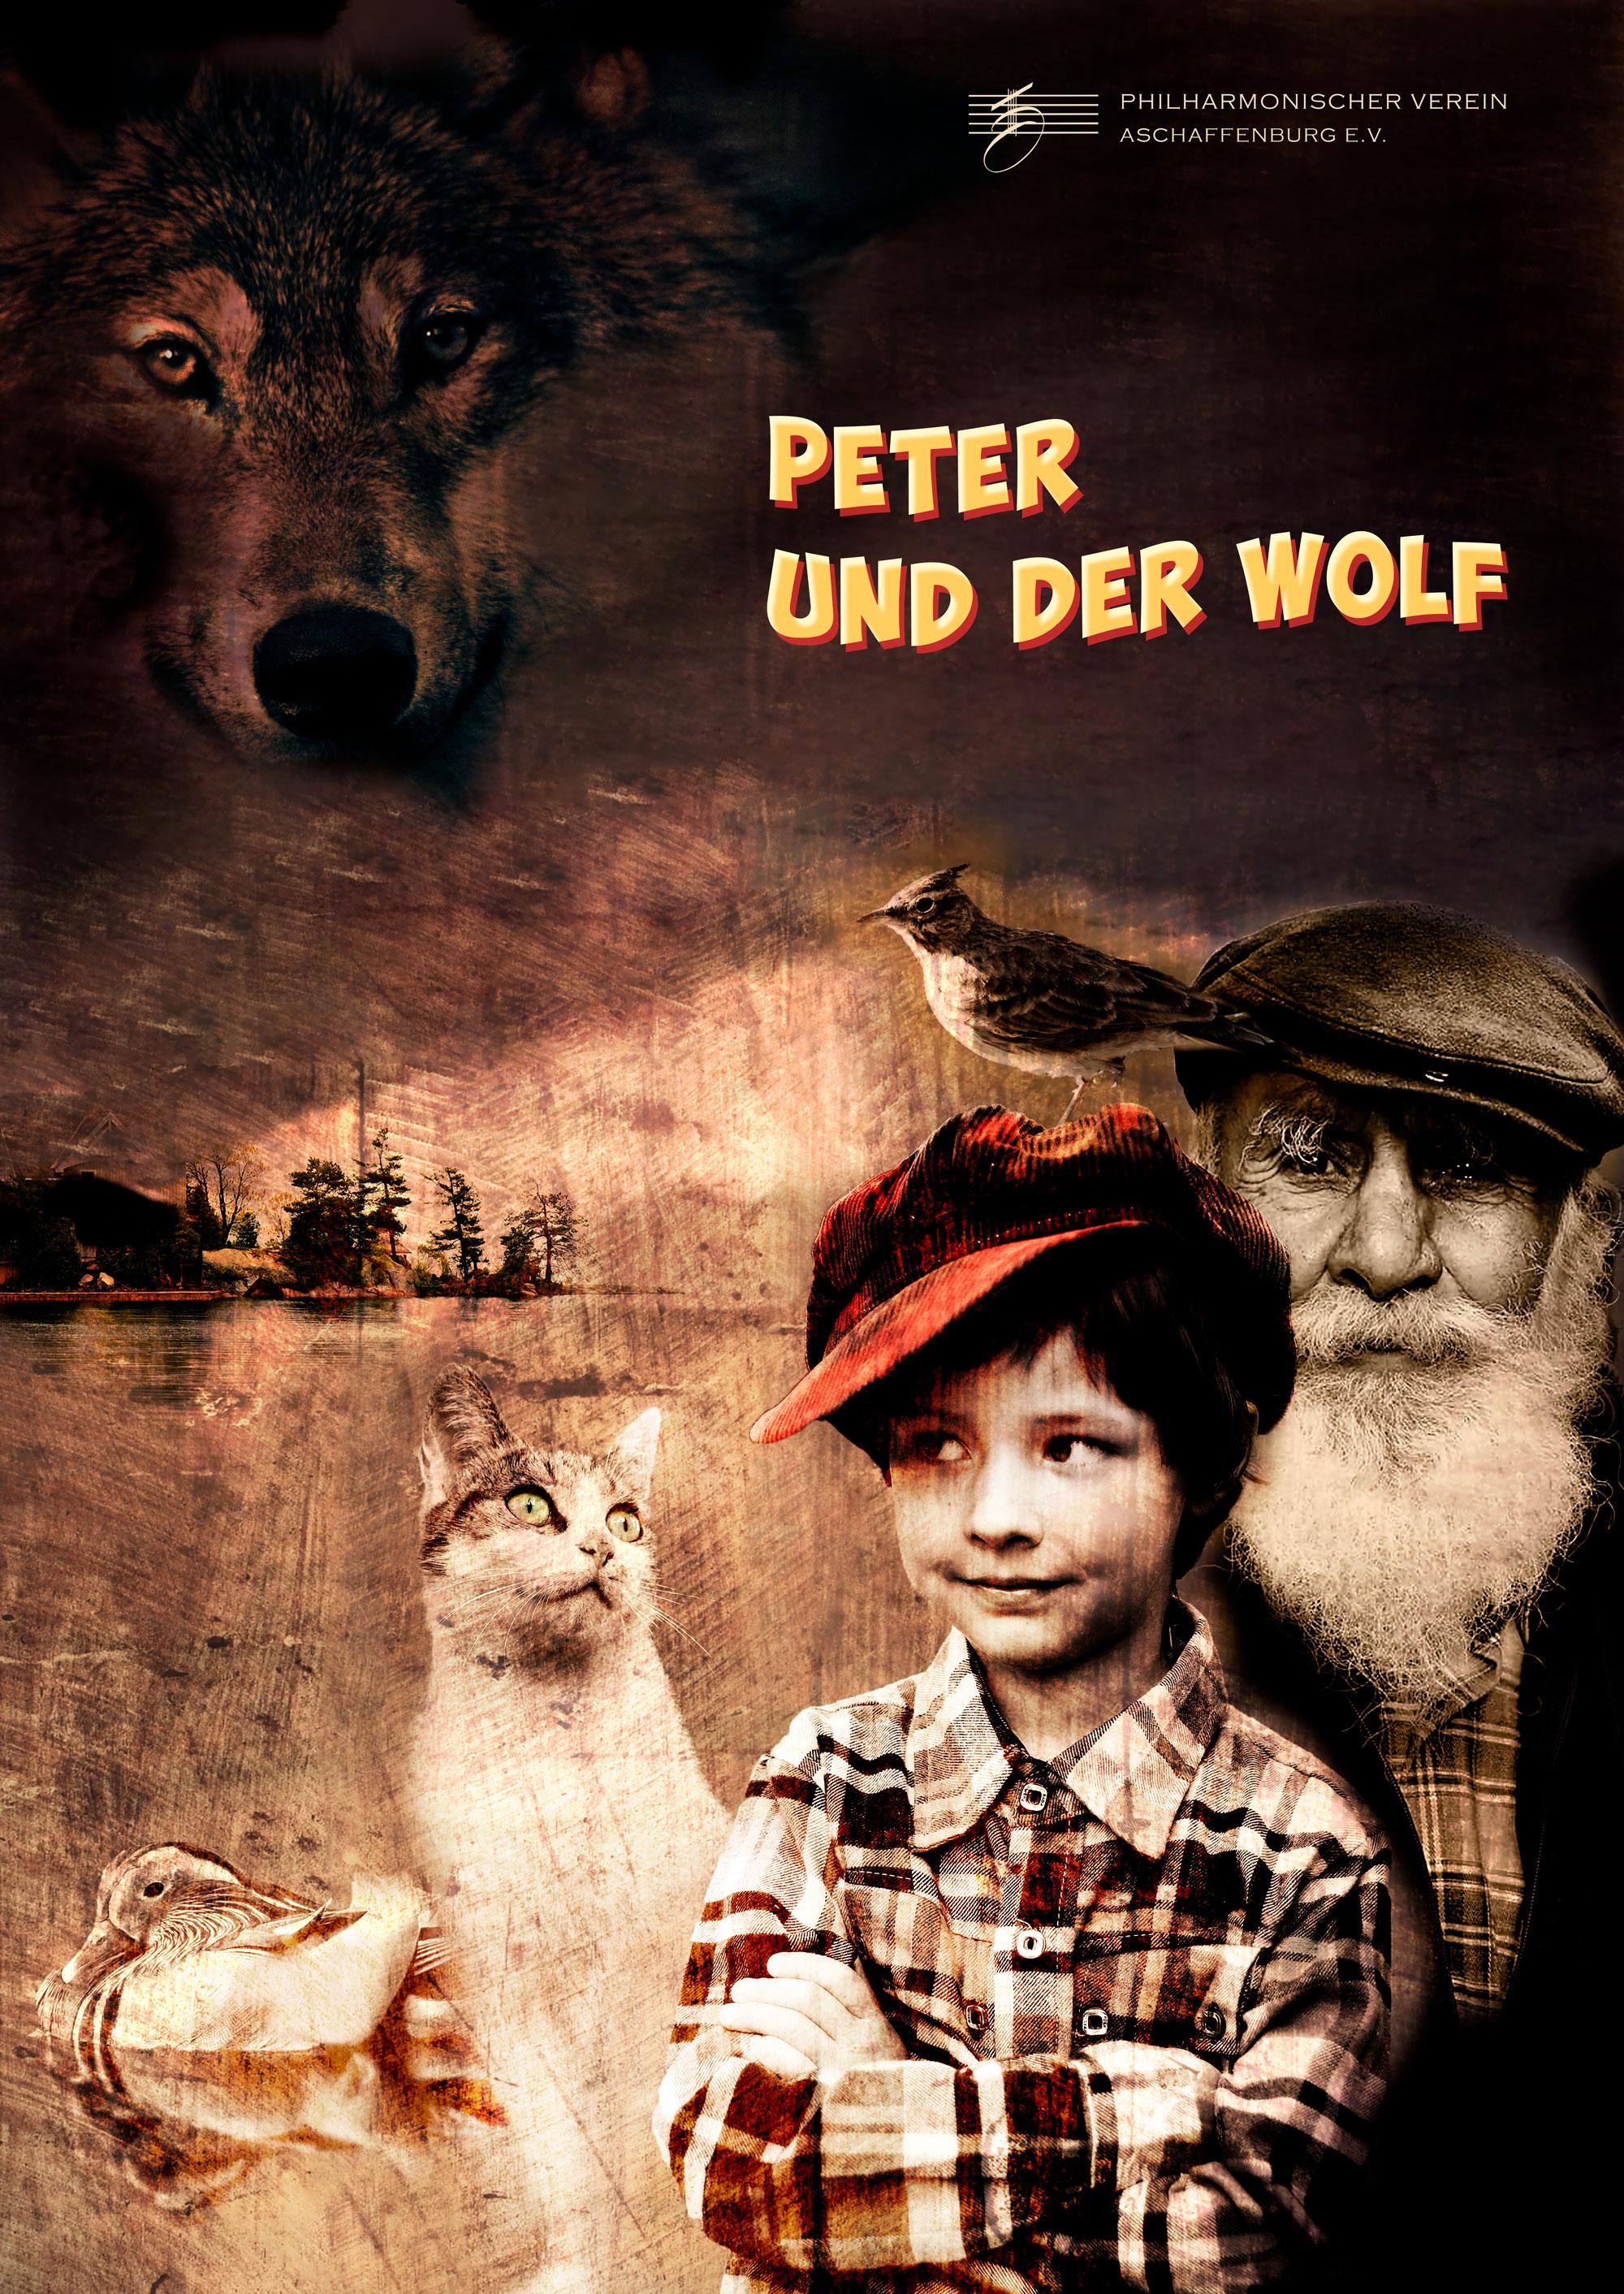 peter-und-der-wolf-hochformat-29032019-neu-small.jpg